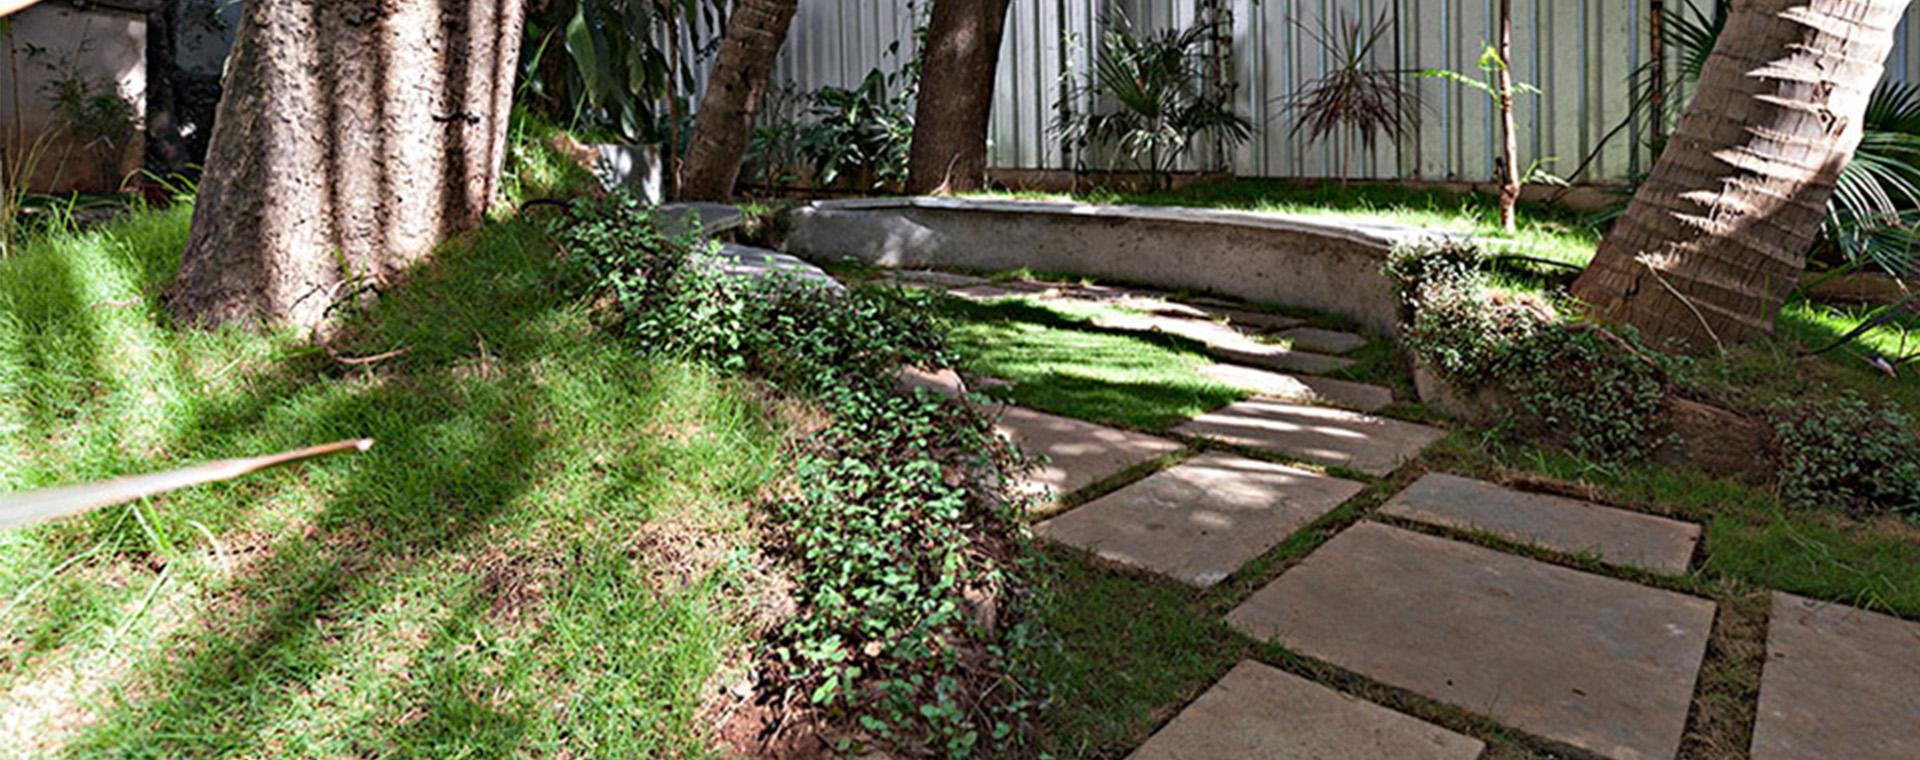 AJA_Garden_01.jpg